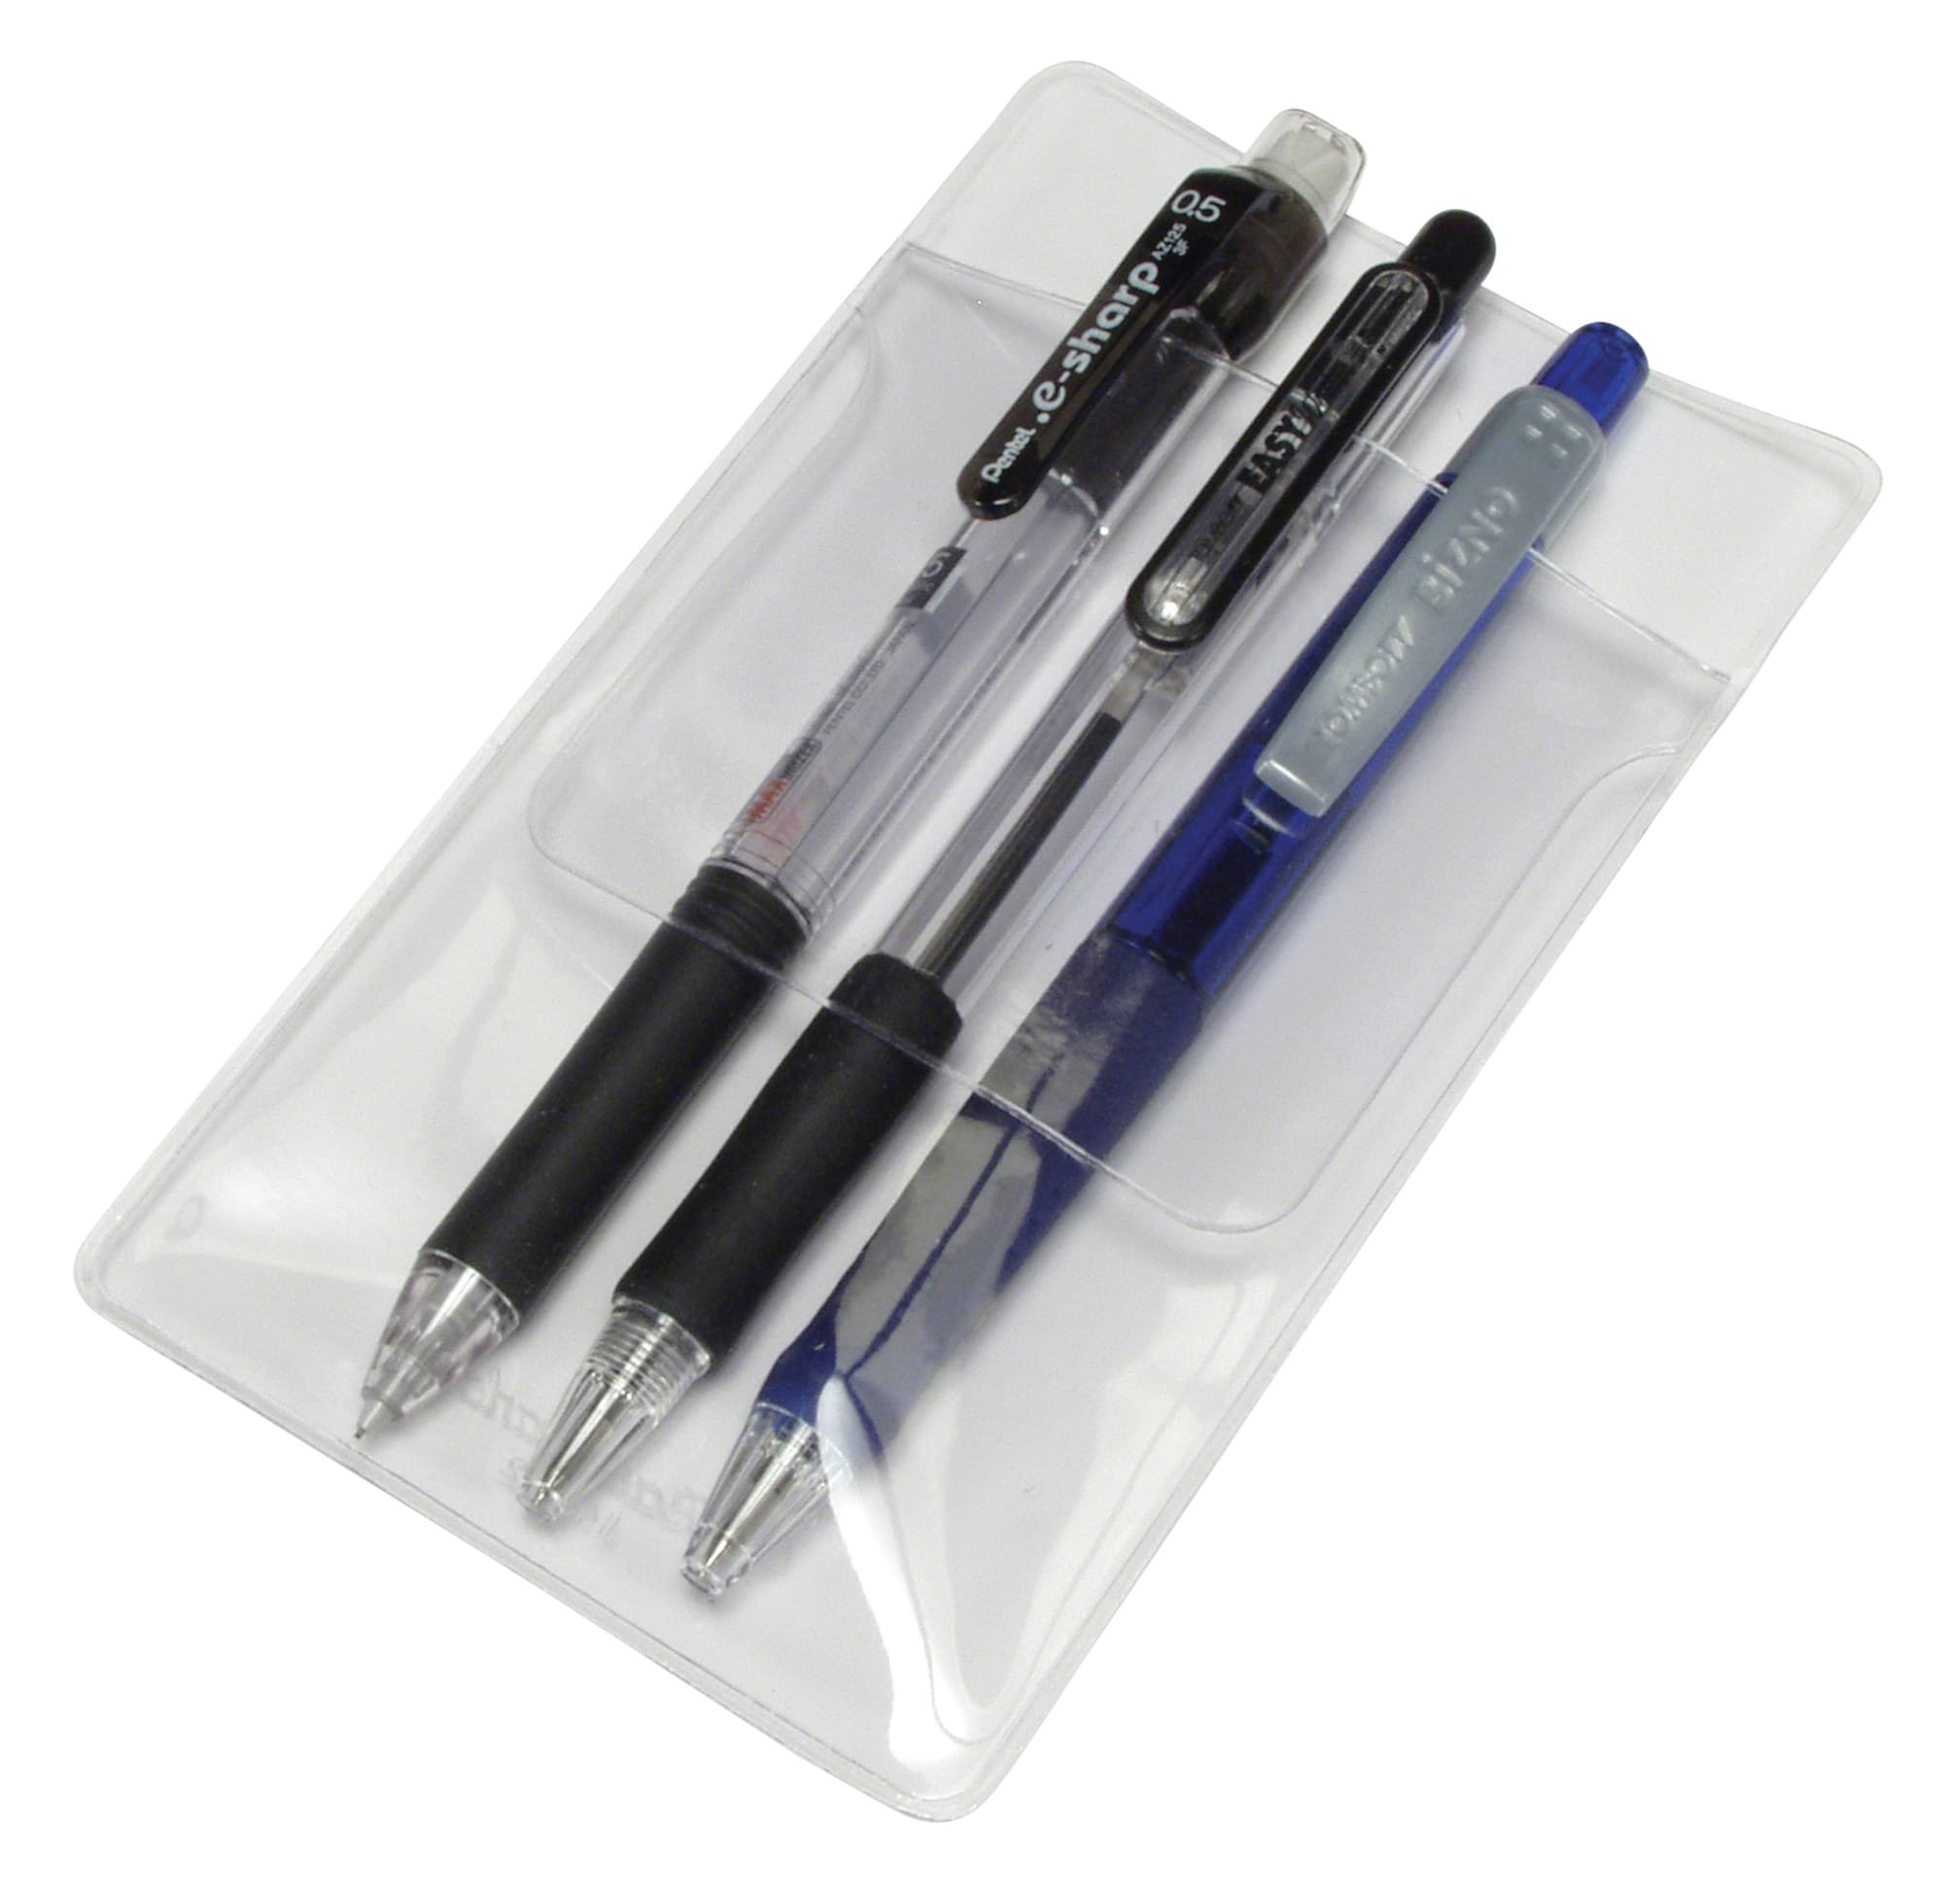 Baumgartens Pocket Protectors Clear (Pack of 48) (46502) by Baumgartens (Image #5)